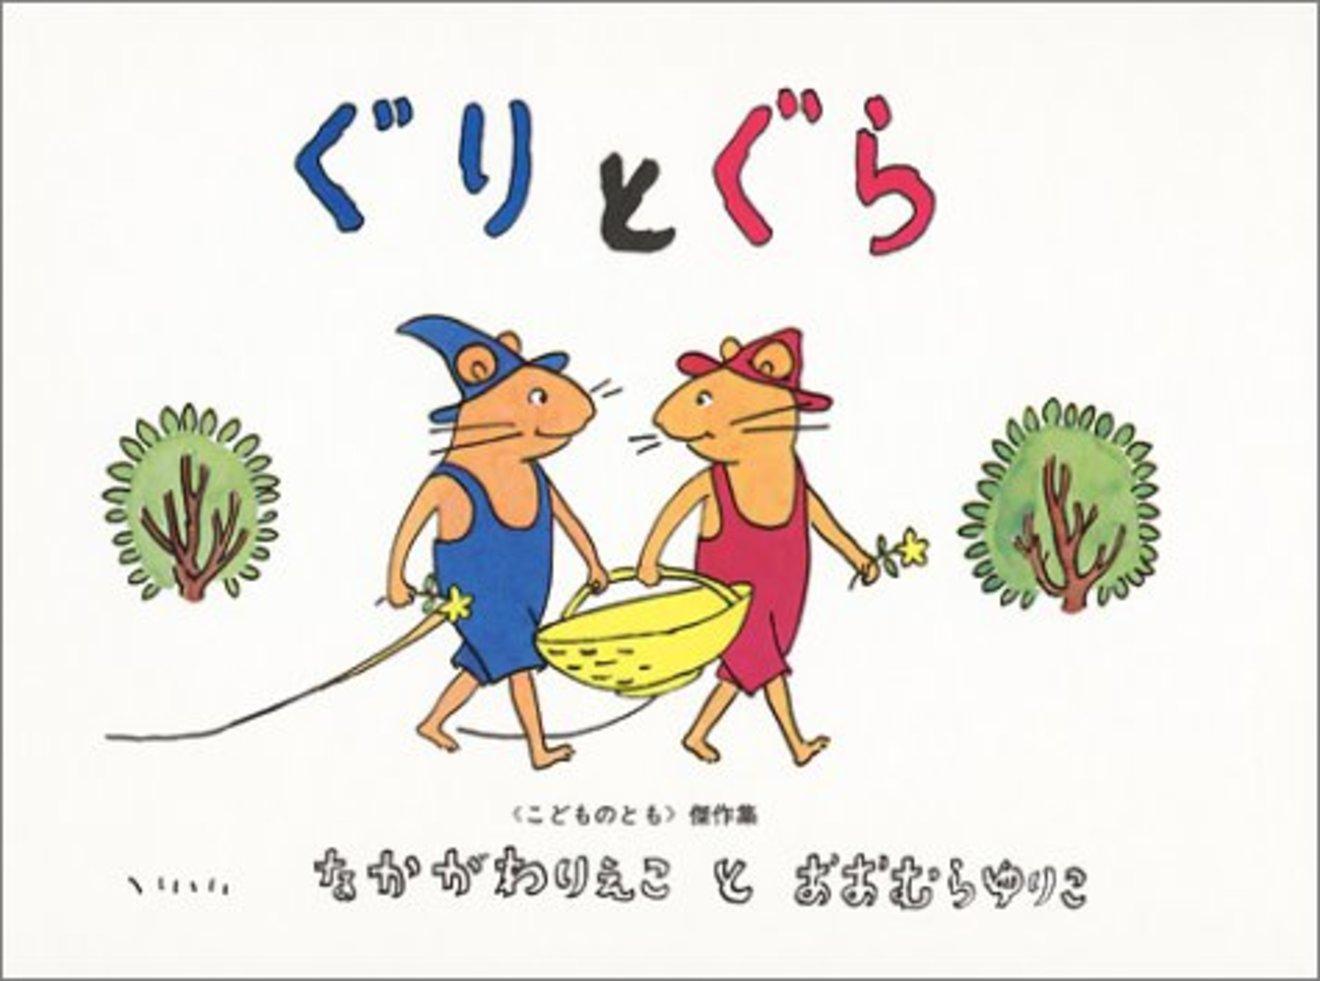 2歳におすすめの人気絵本46選!大人も子どもも楽しみながら読める!